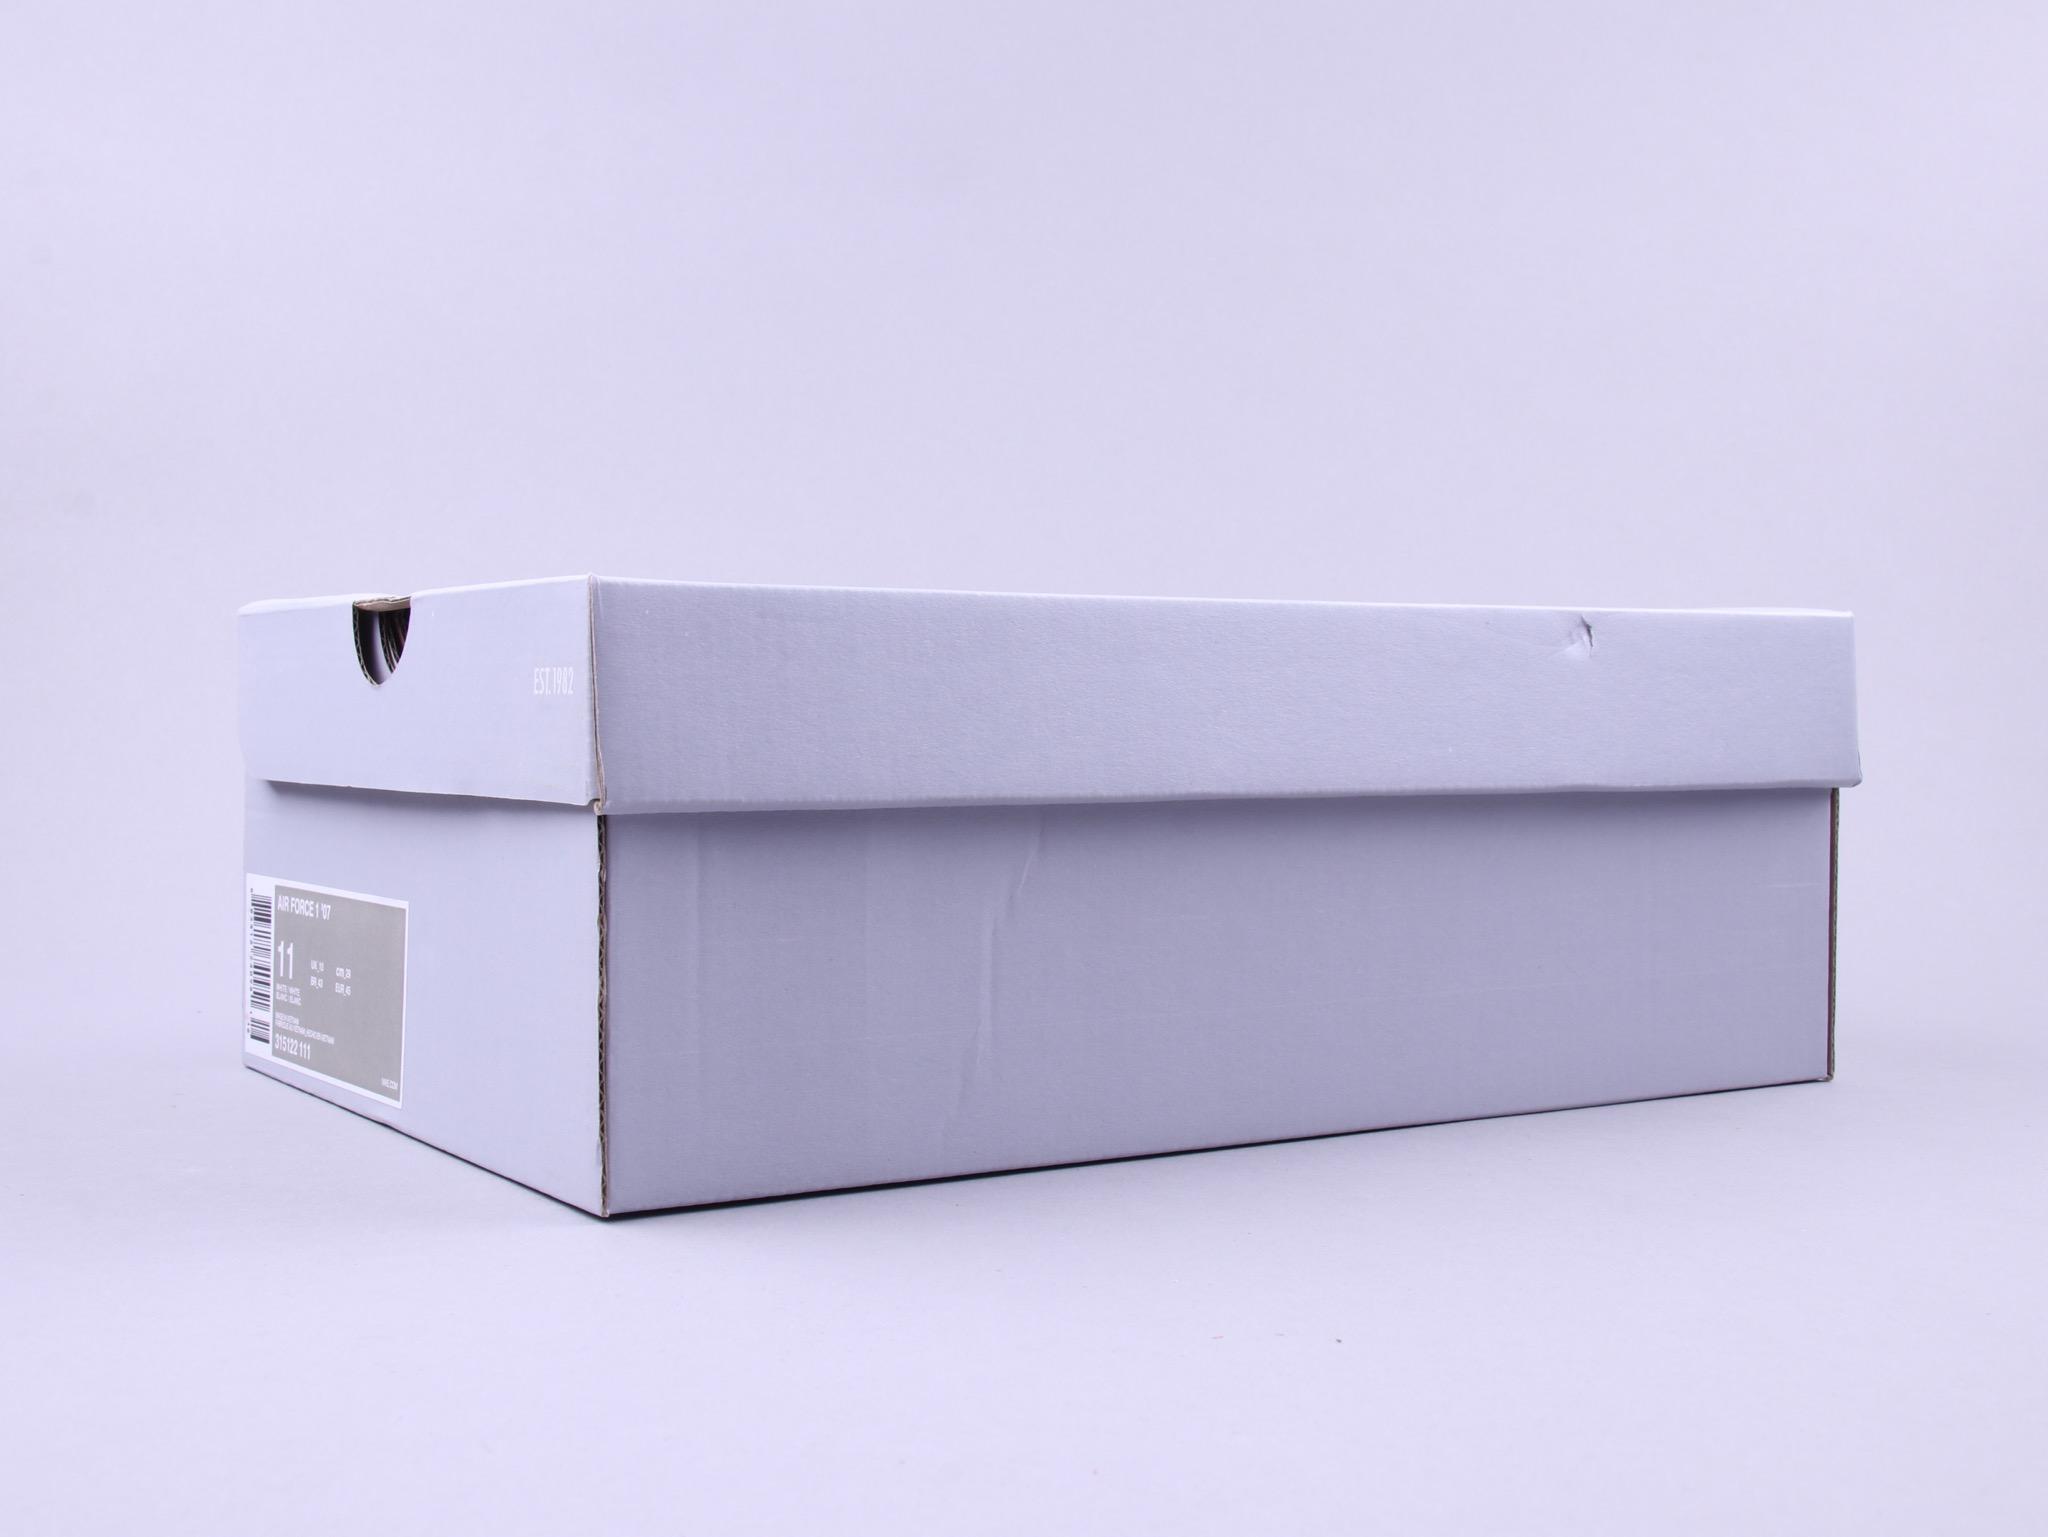 E56DF34F-4938-4106-B9CA-EB61E1652540.jpeg